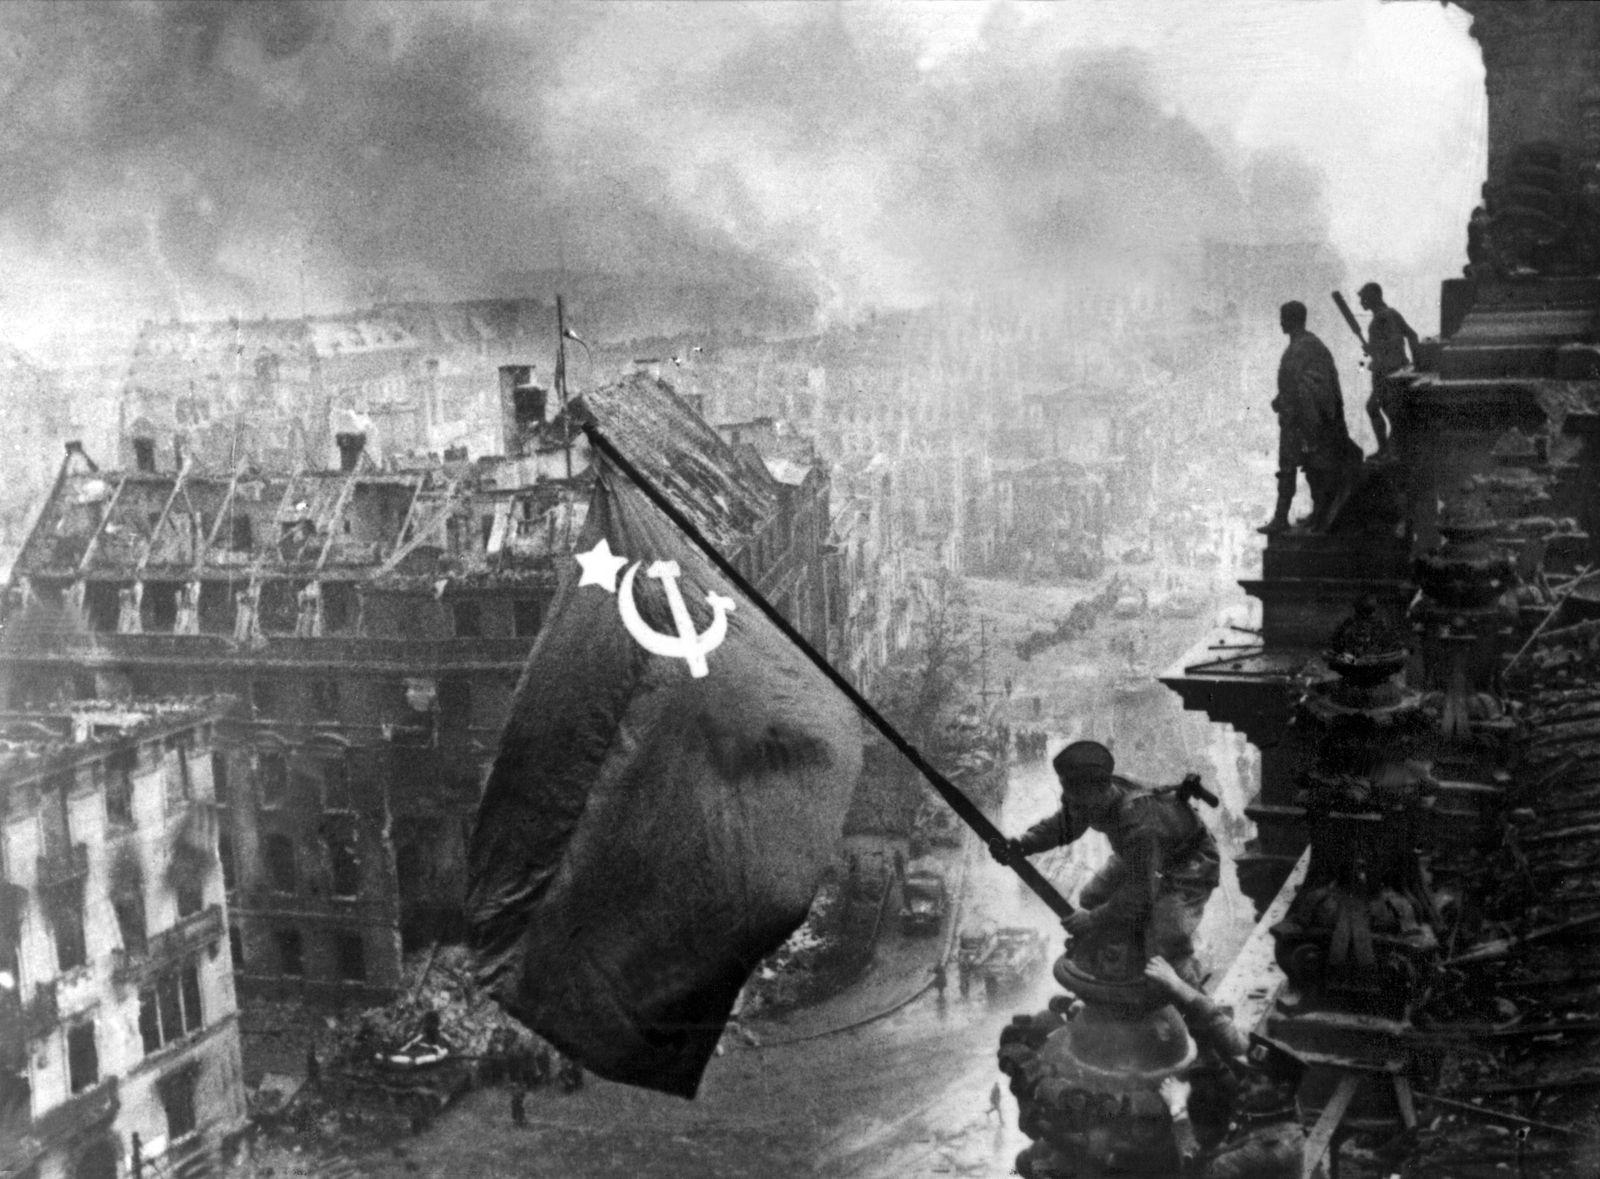 Ende Zweiter Weltkrieg - Sowjet-Flagge auf Reichstag